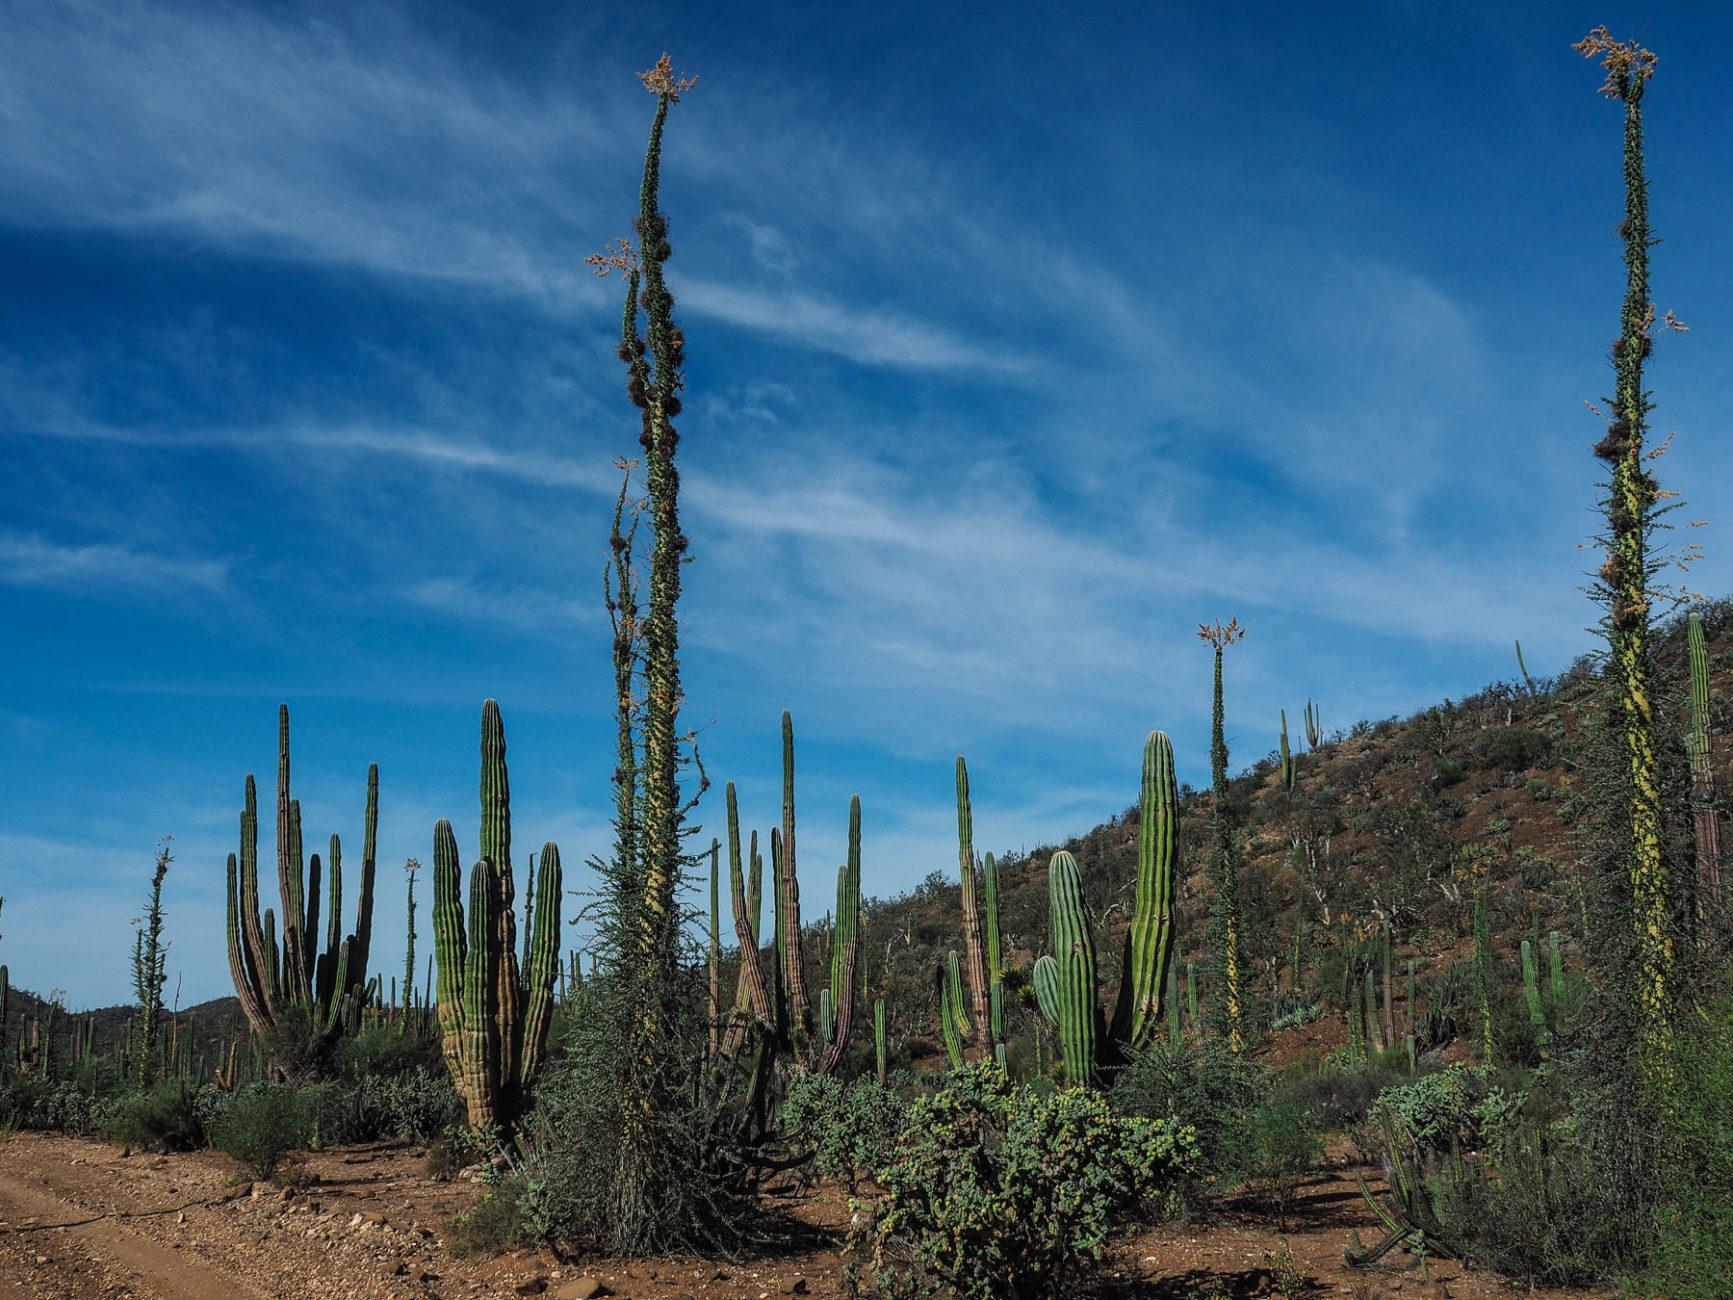 Soll das ein Kaktus sein?